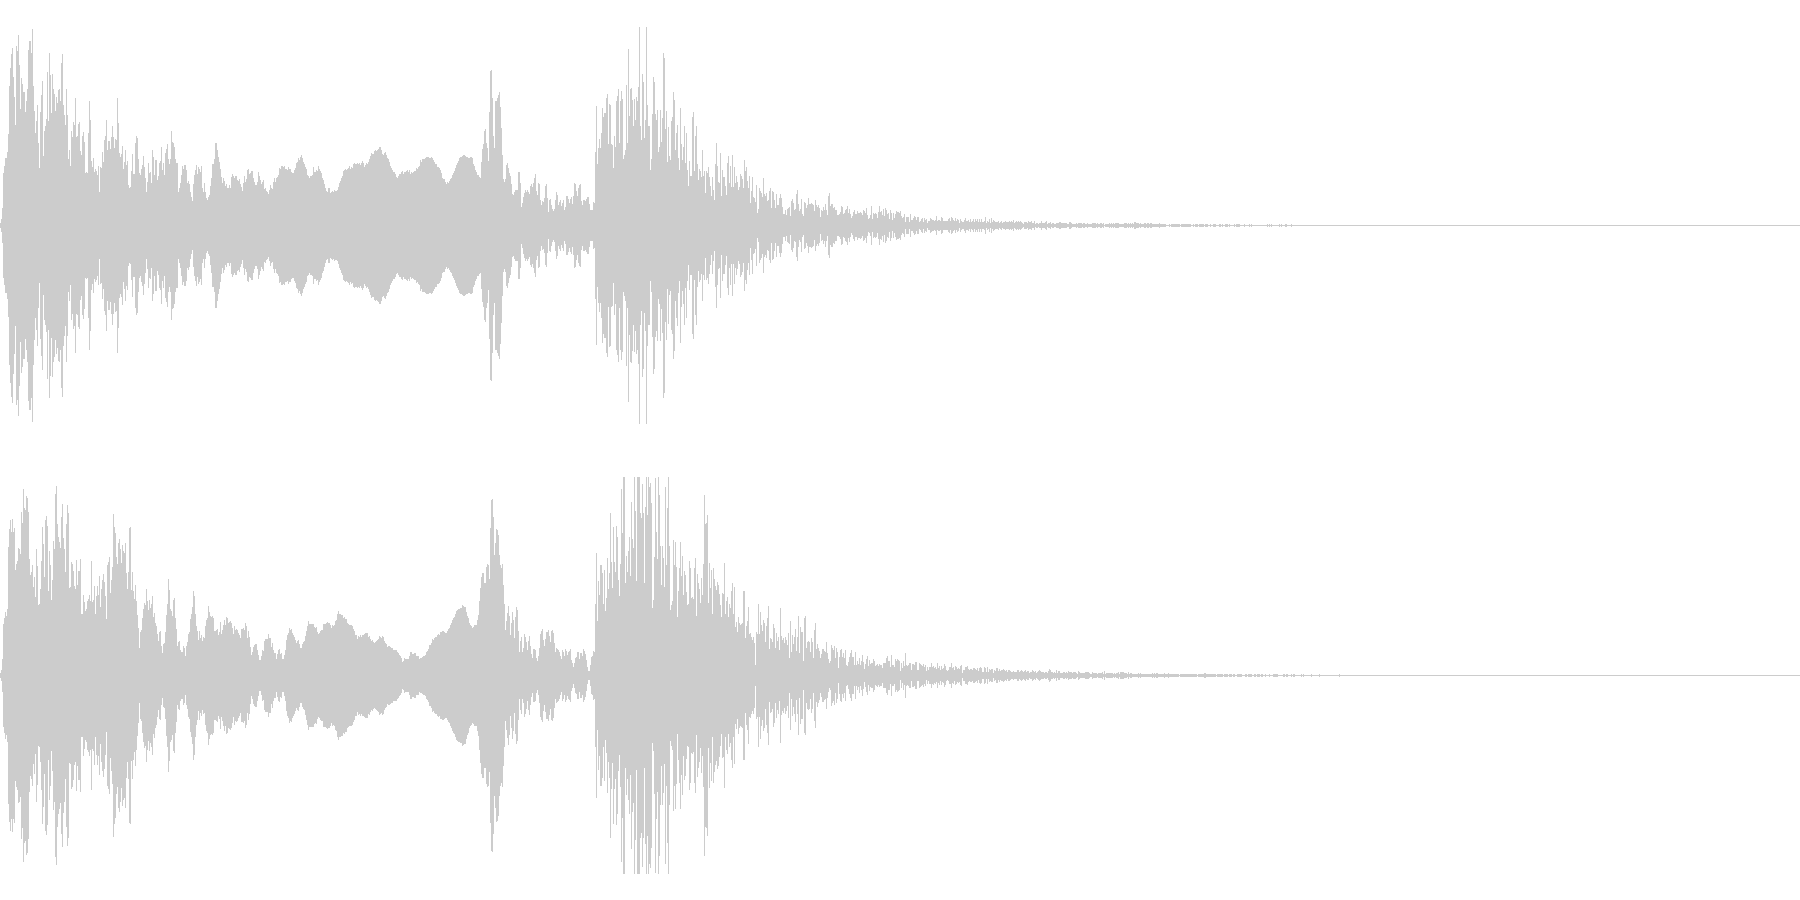 和風な歌舞伎の笛(能管)太鼓インパクト6の未再生の波形